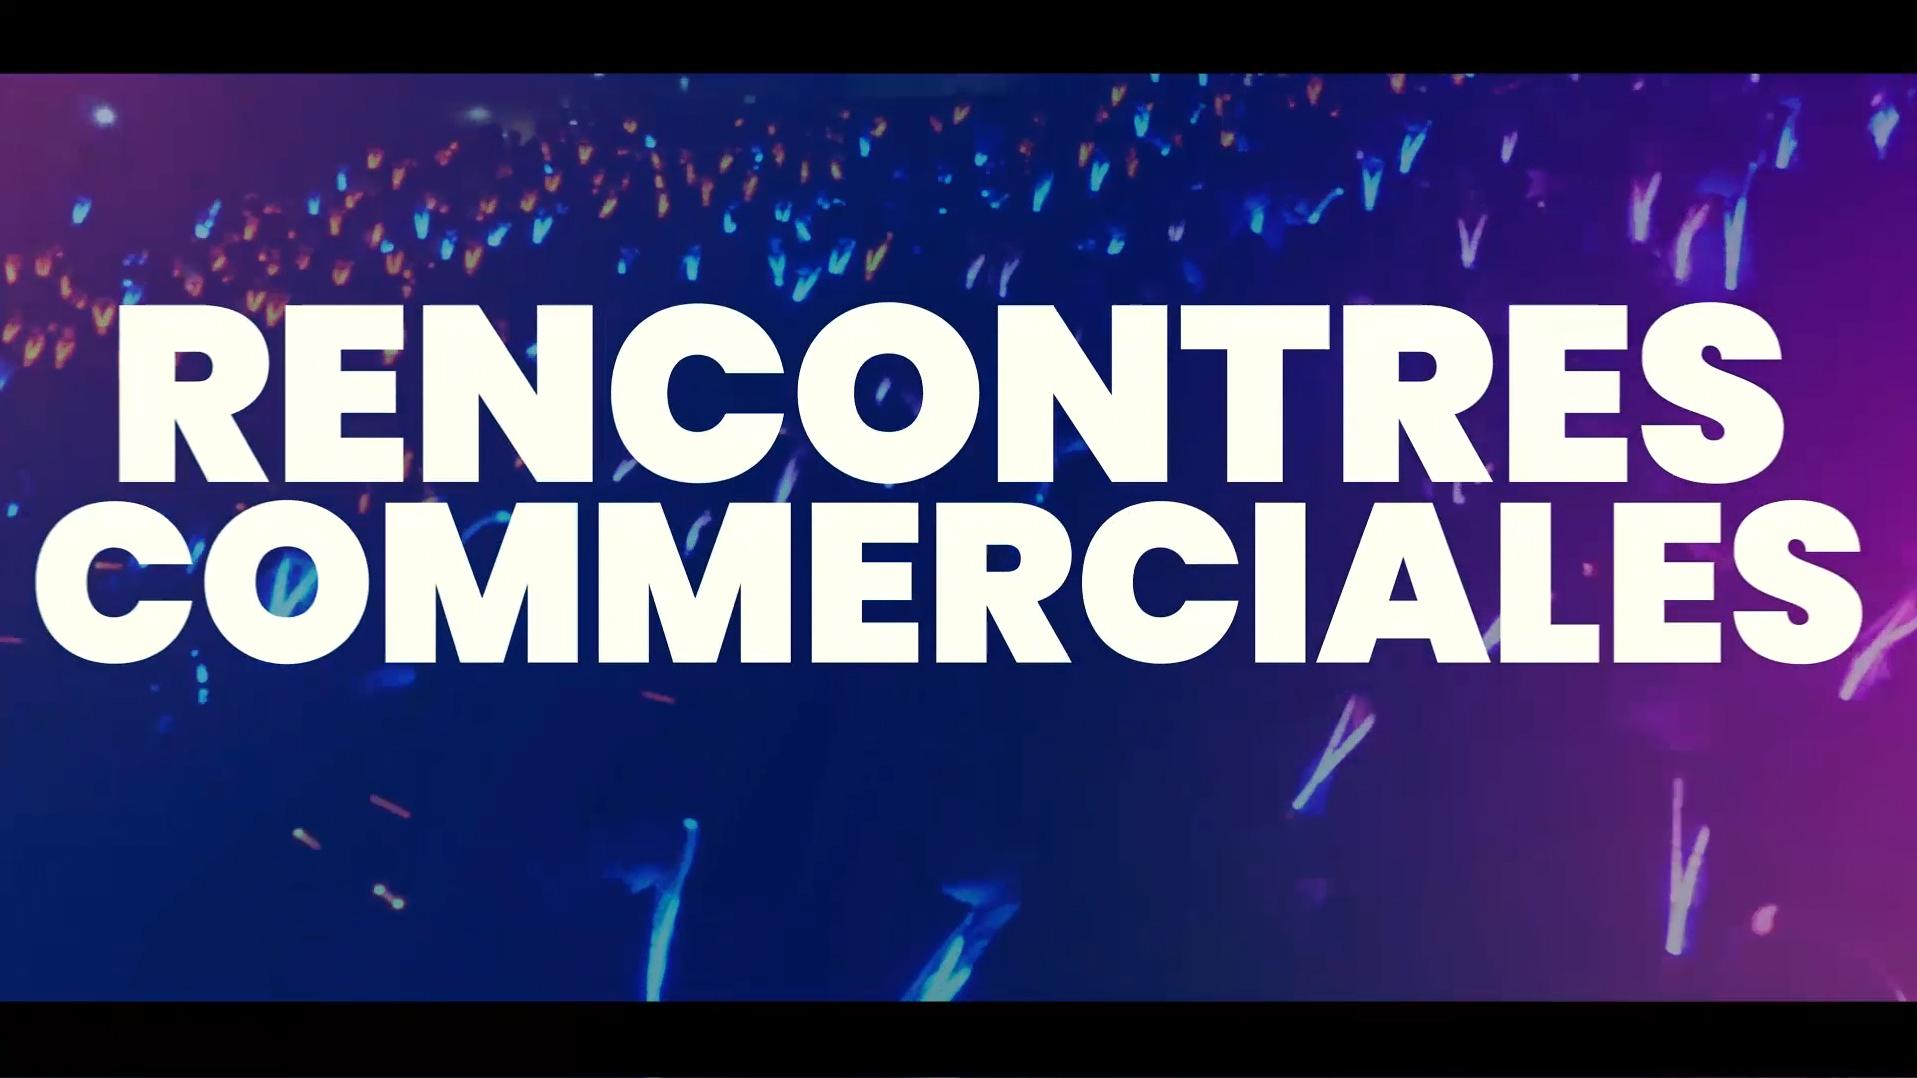 Rencontres Commerciales - 2019 - Séville - Teaser